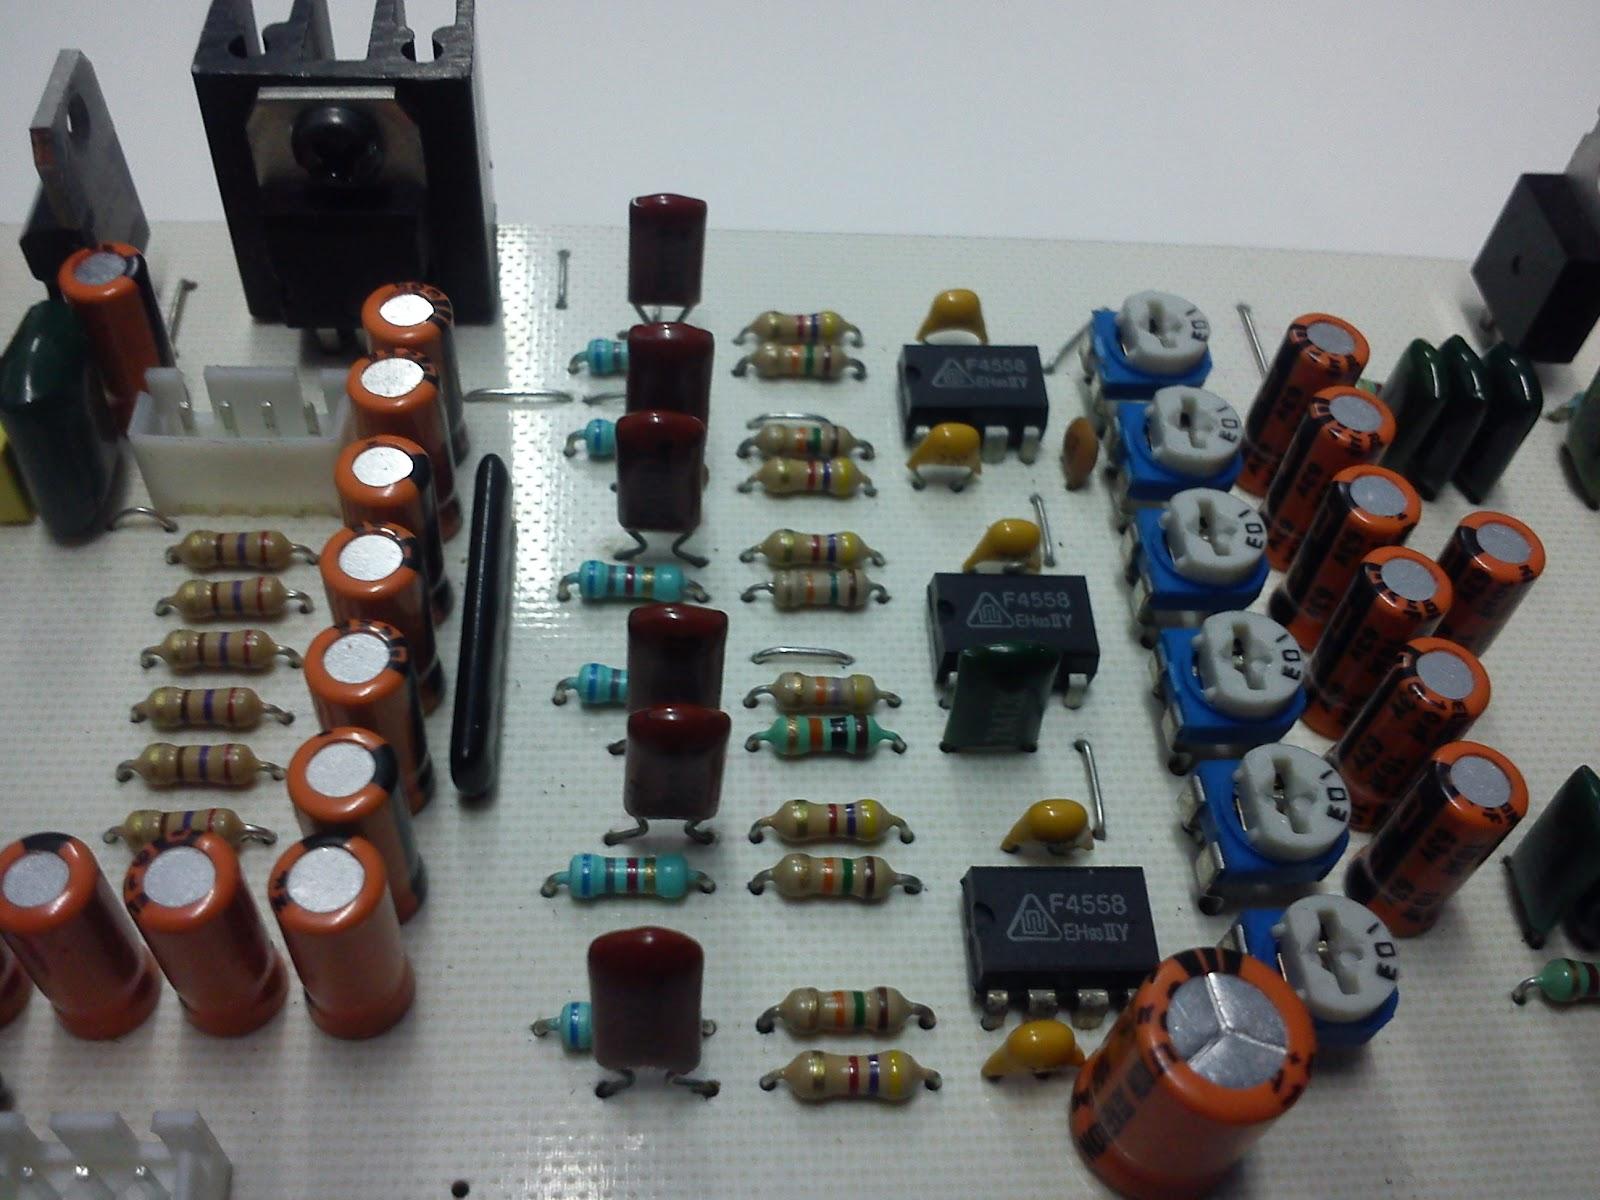 Remote kit remote kits